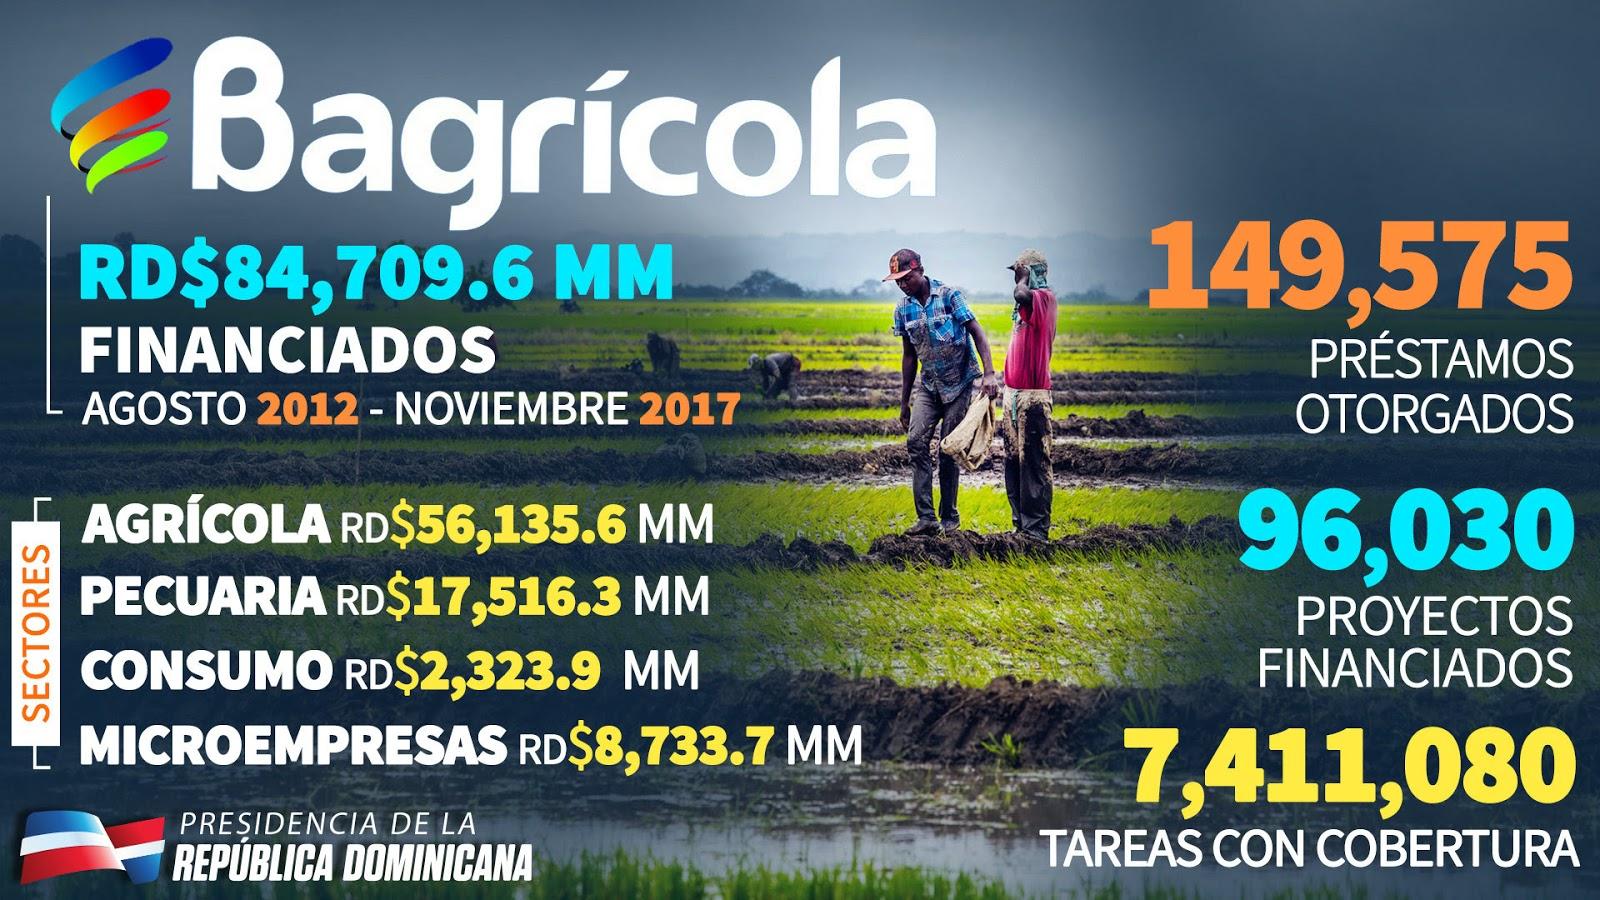 @bagricolaRD RD$84,709.6 MM financiados. Agosto 2012-Noviembre 2017